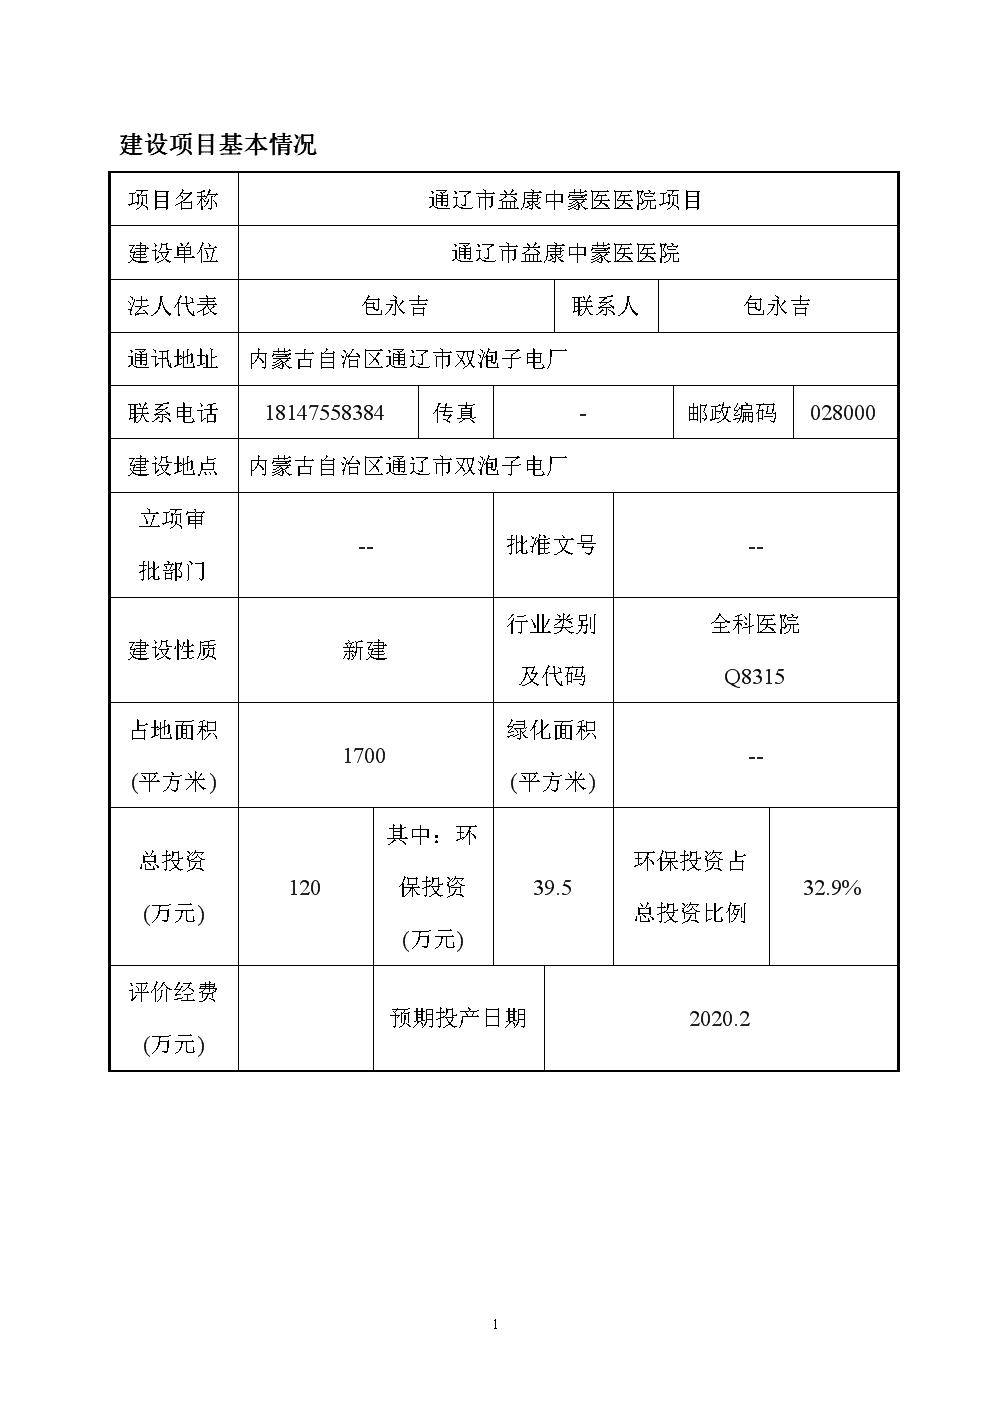 内蒙古益华干细胞科研应用项目环评报告表.doc